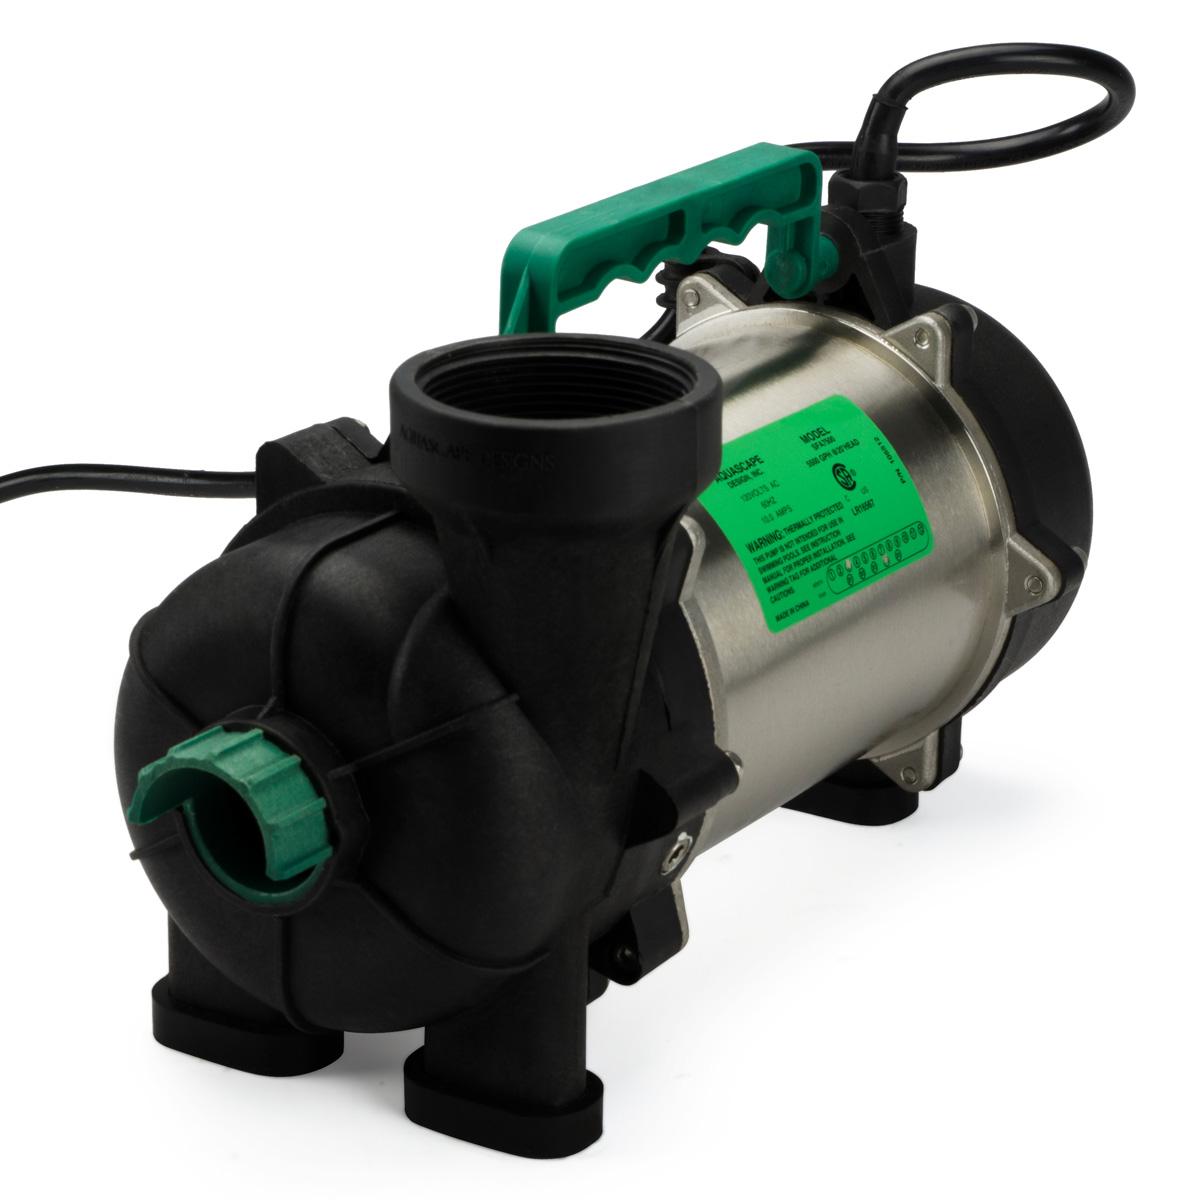 AquascapePRO™ 7500 Pump